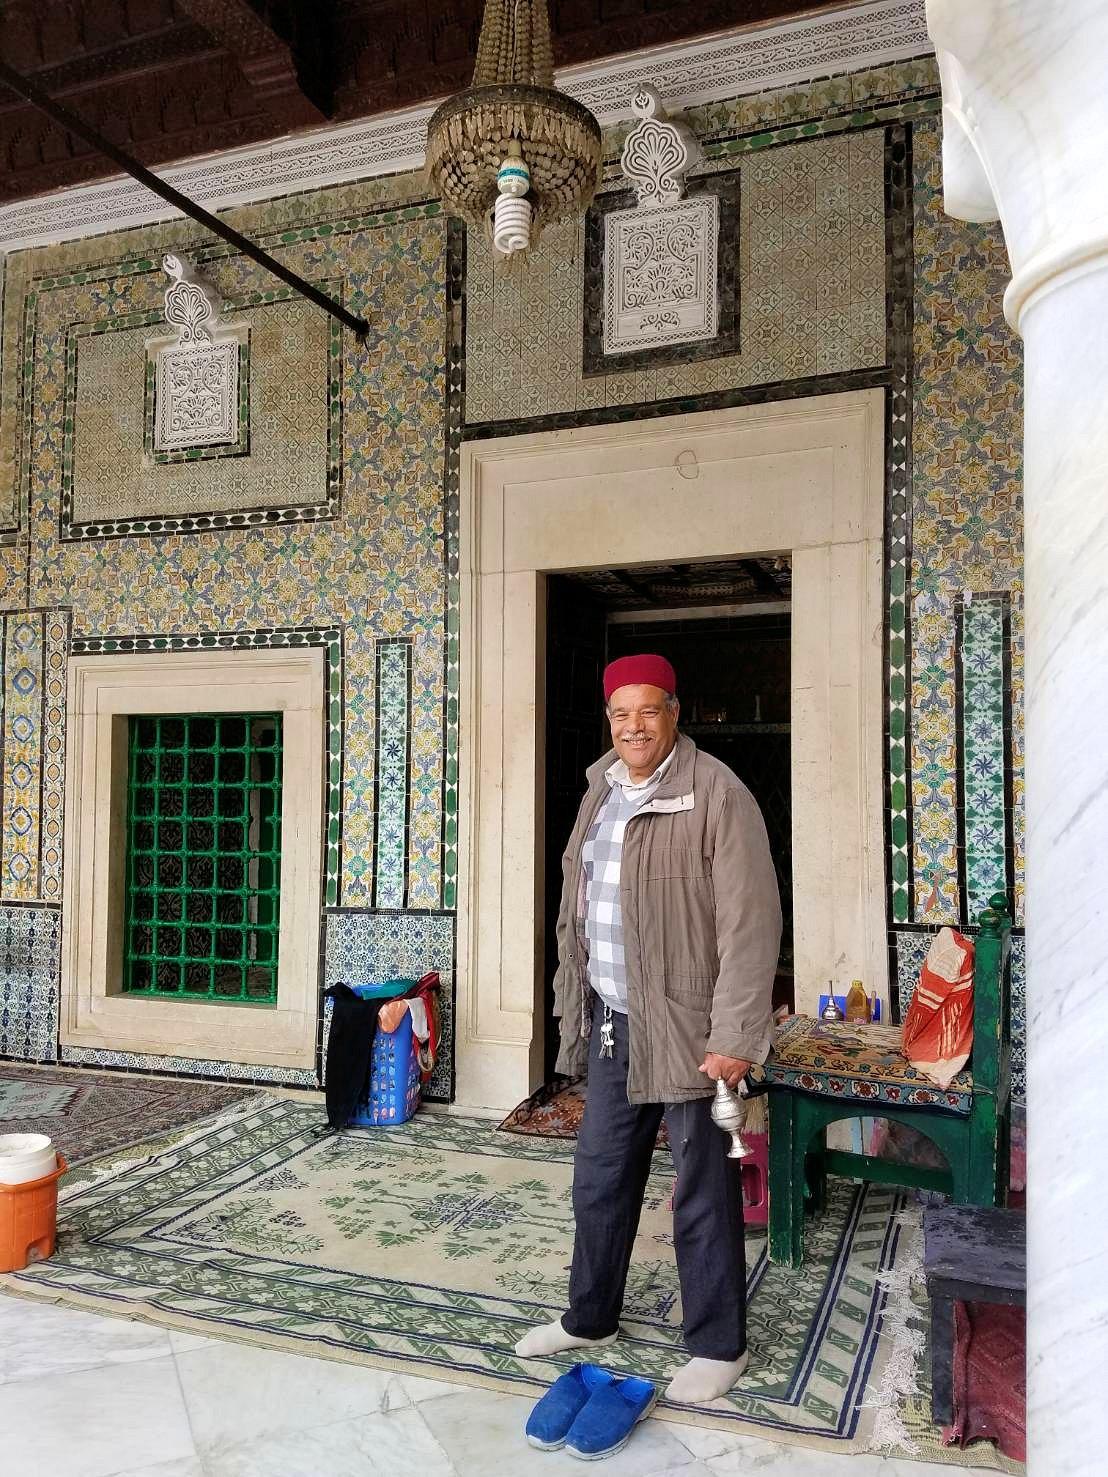 ケロアンのシディ・サハブ霊廟にいたオジサンと記念撮影1